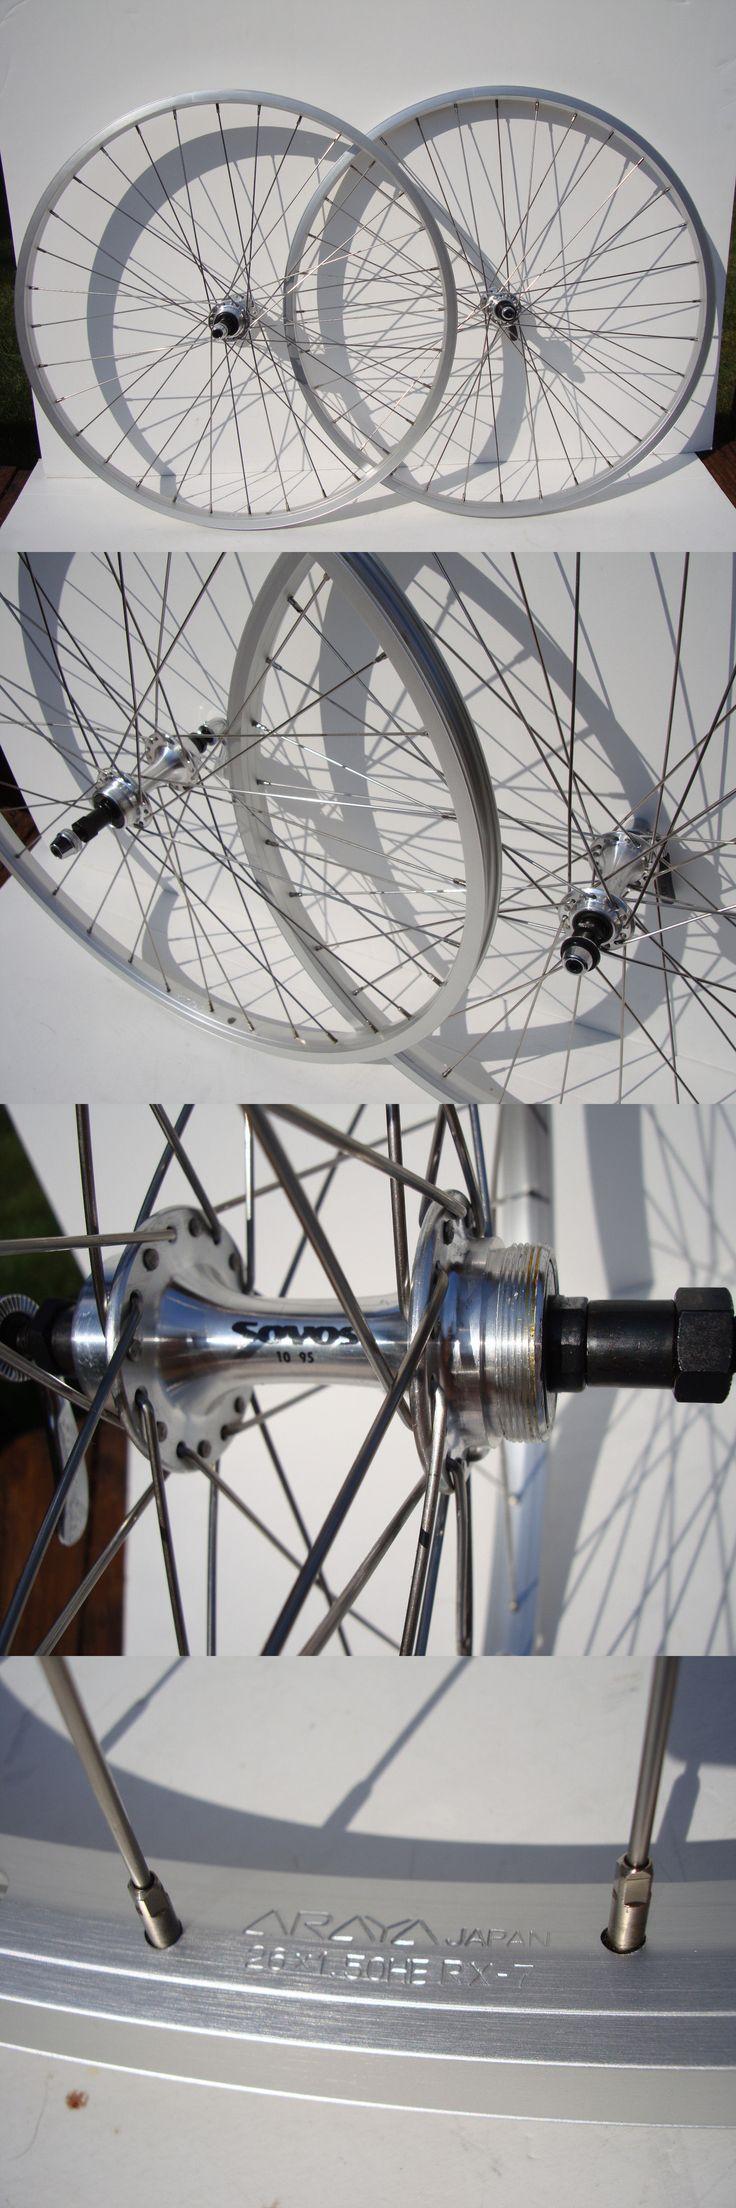 Vintage Bicycle Parts 56197: Nos Araya 26 Wheels Schwinn Trek Mtb Bike Cruiser Bicycle 5 6 7 8 Spd Vtg Fuji -> BUY IT NOW ONLY: $150 on eBay!